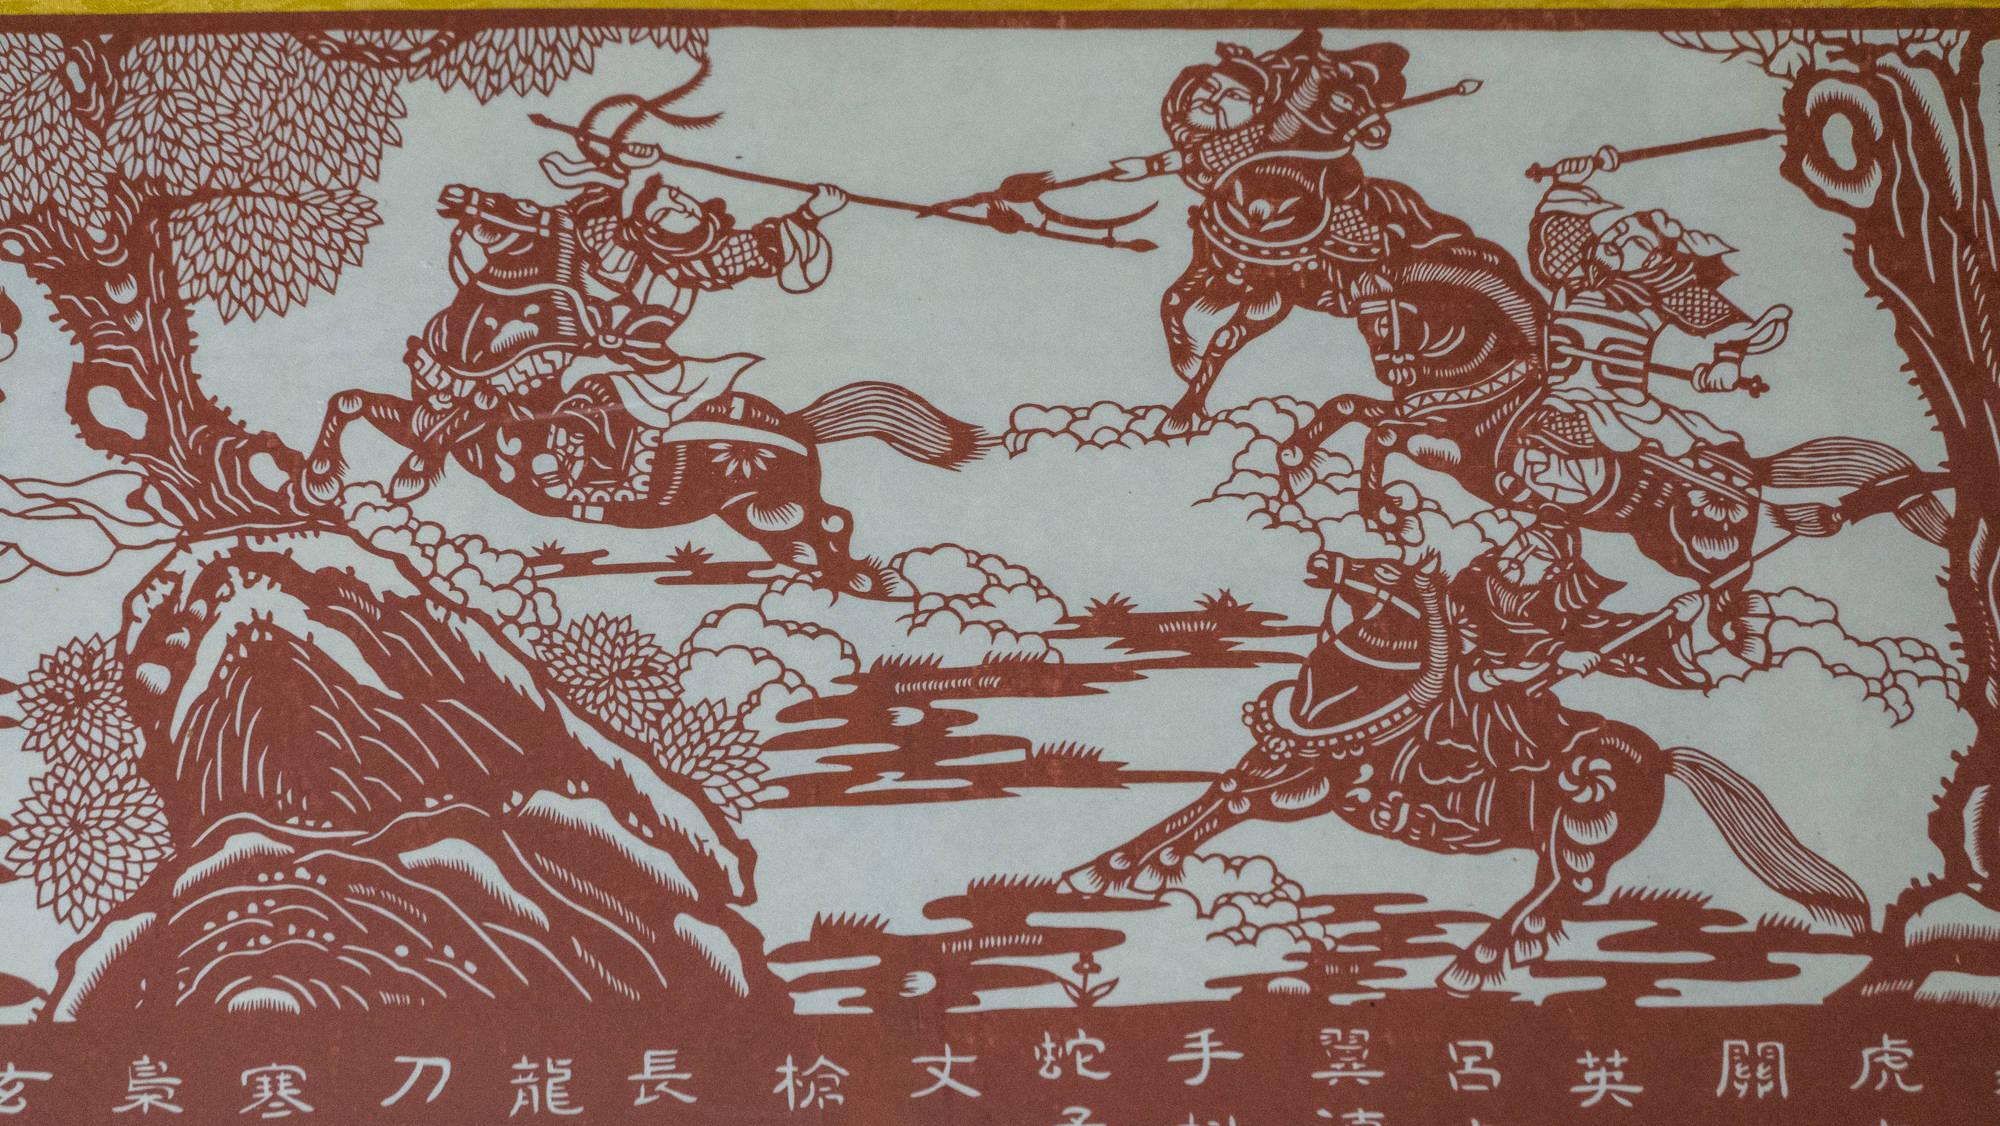 """令人称绝的天津""""非遗"""",彩塑、年画、迷踪拳,个个都是真功夫!"""